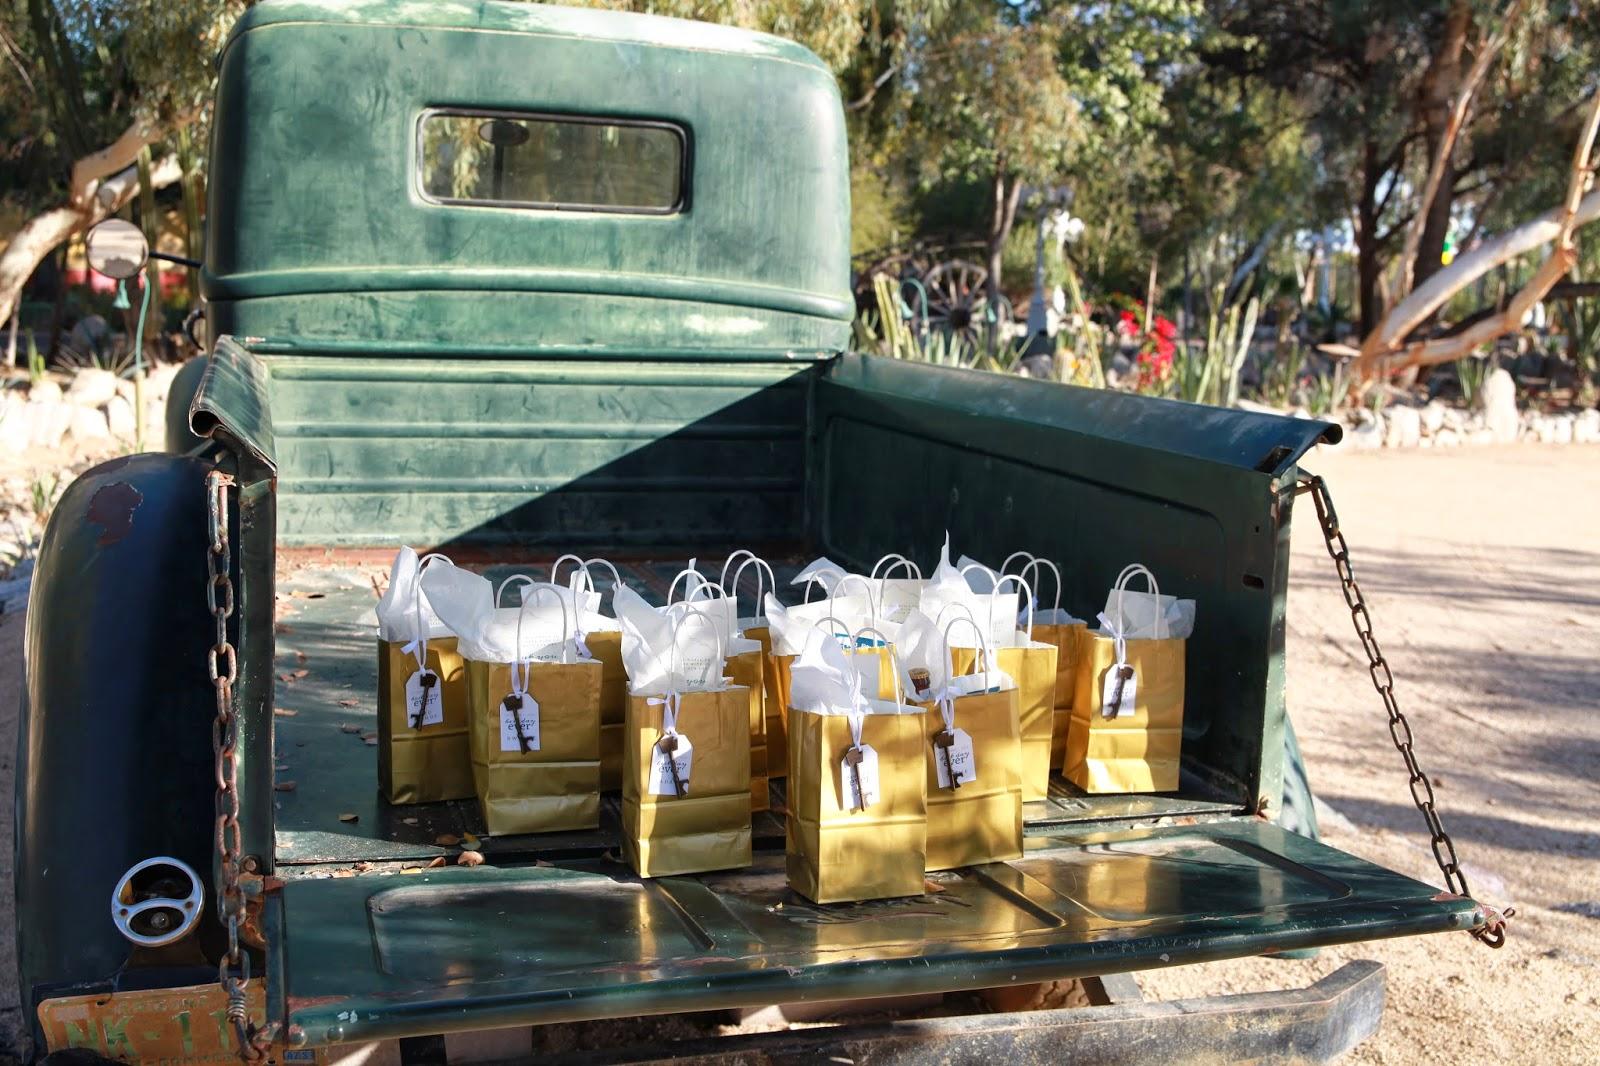 old truck at boojum tree phoenix arizona